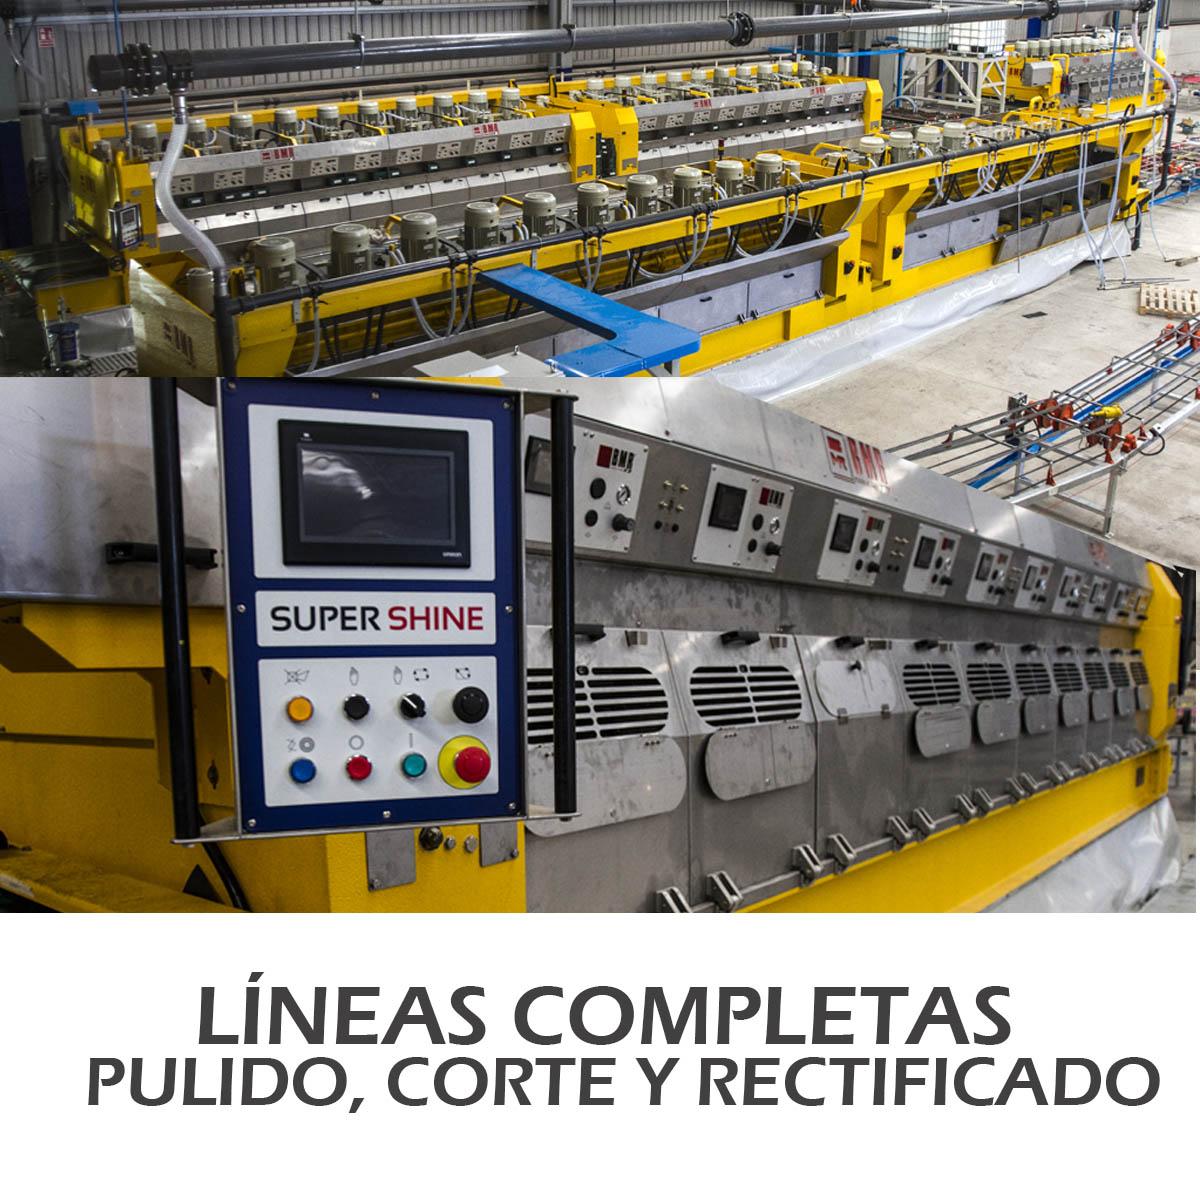 boton-lineas-pulido-corte-rectificado-SEM